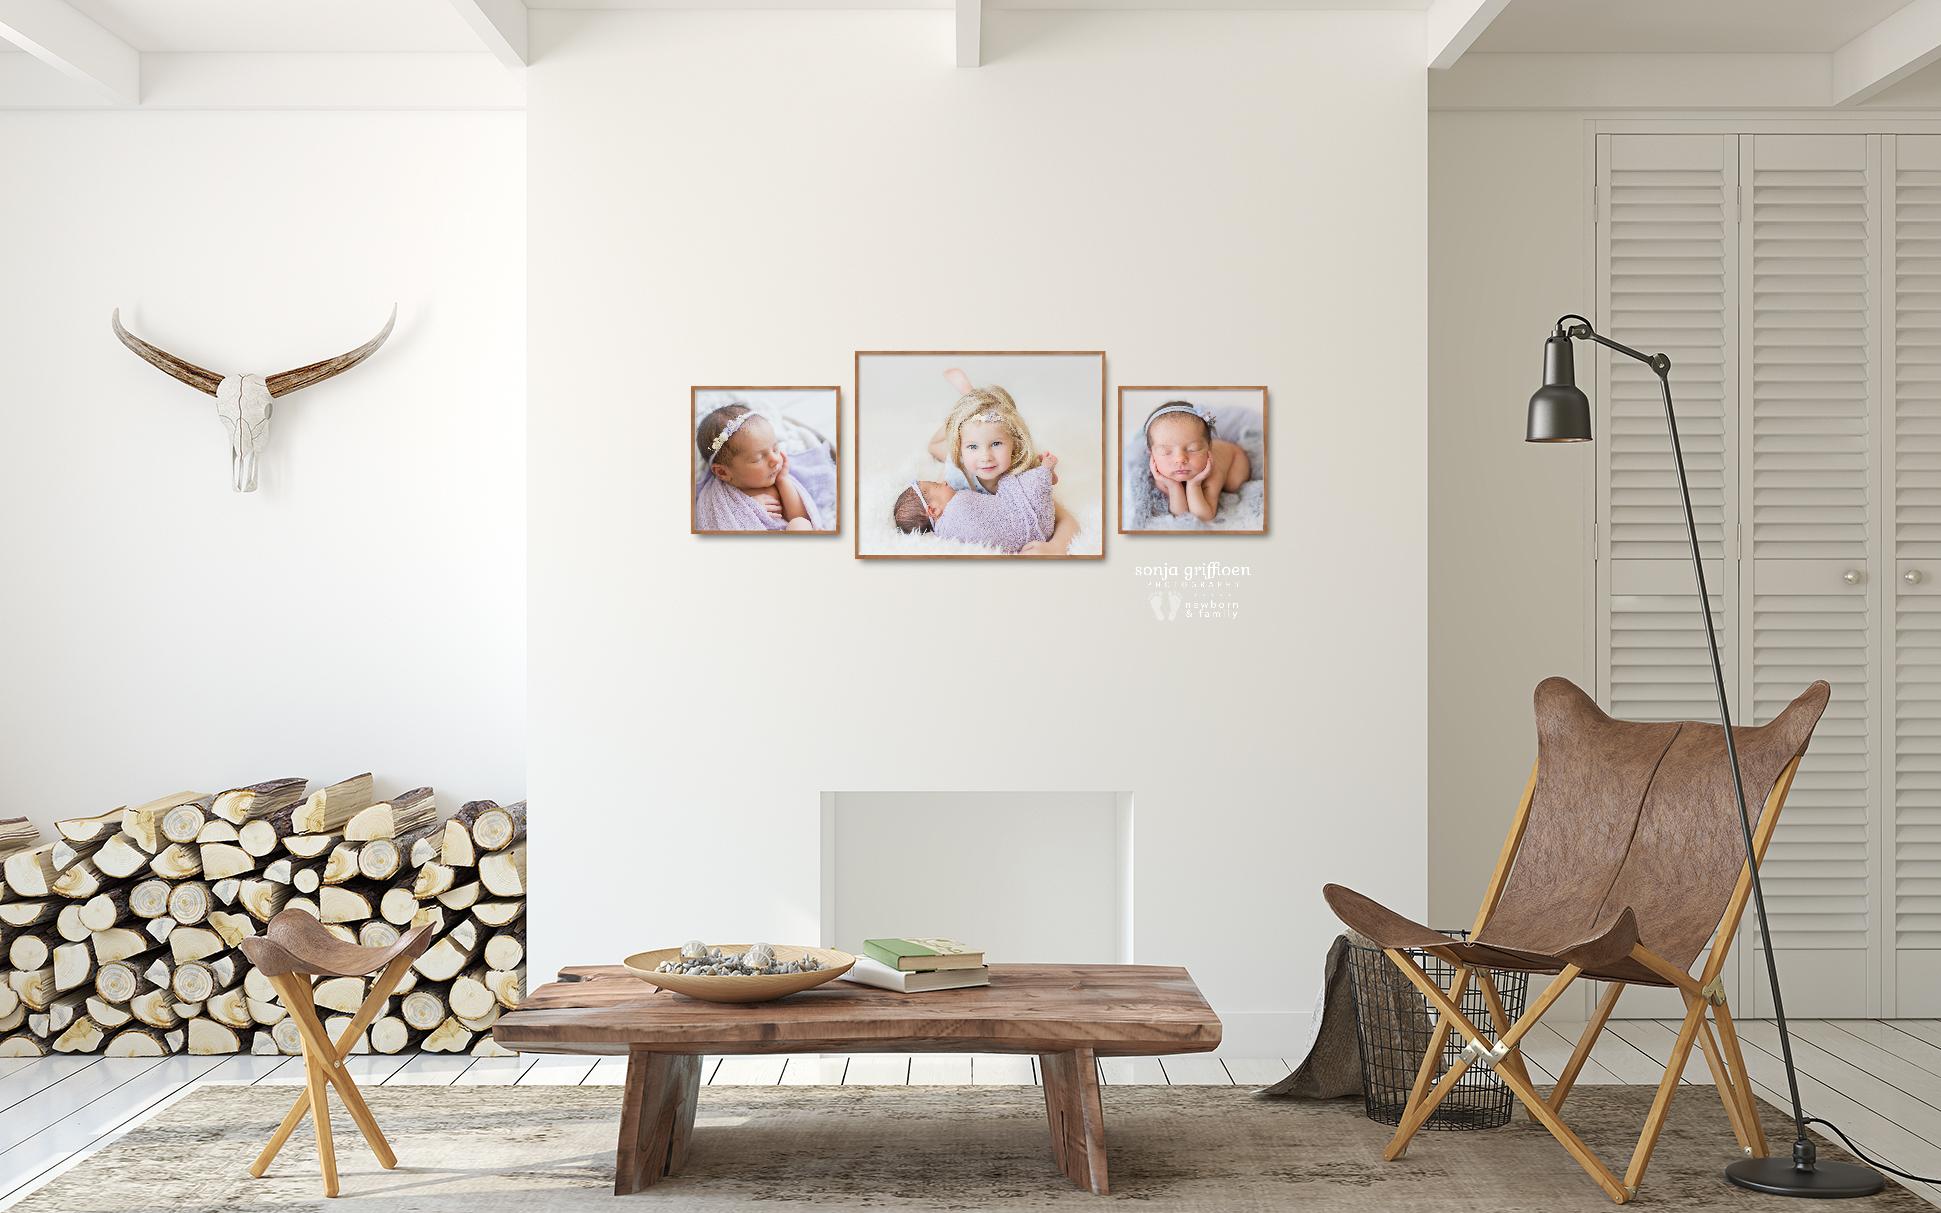 Infinity-Frames-Maple-Rose-Sonja-Griffioen-Photographyb.jpg